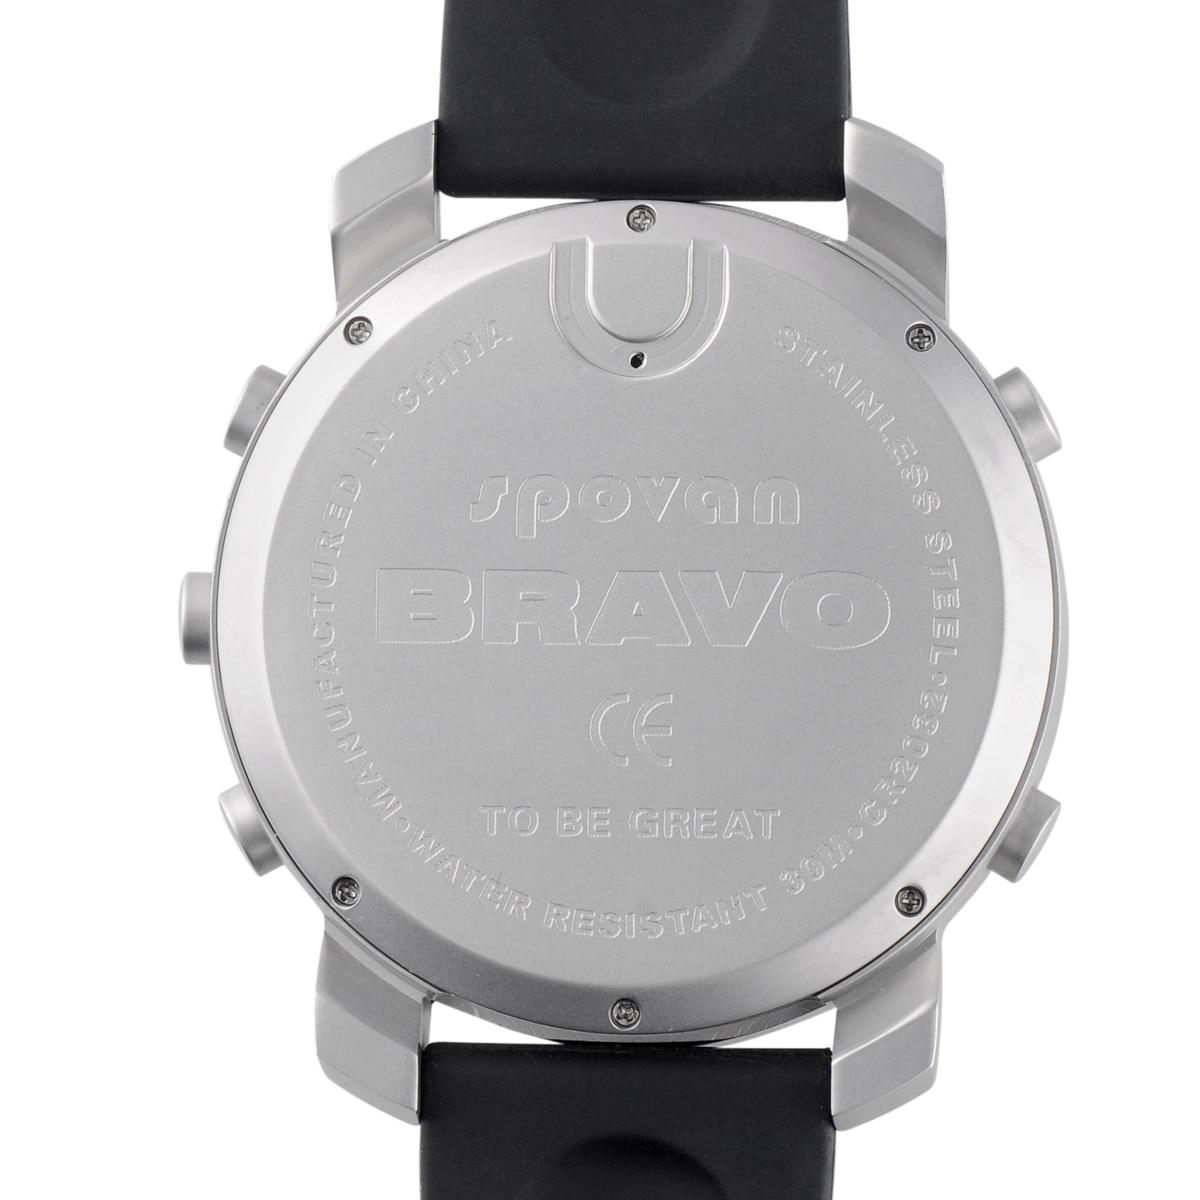 IWO8/W54 OGEDA лучший бренд класса люкс мужские часы серии 4 водонепроницаемые Модные Casul спортивные Цифровой Секундомер резиновый ремешок часы ... - 5